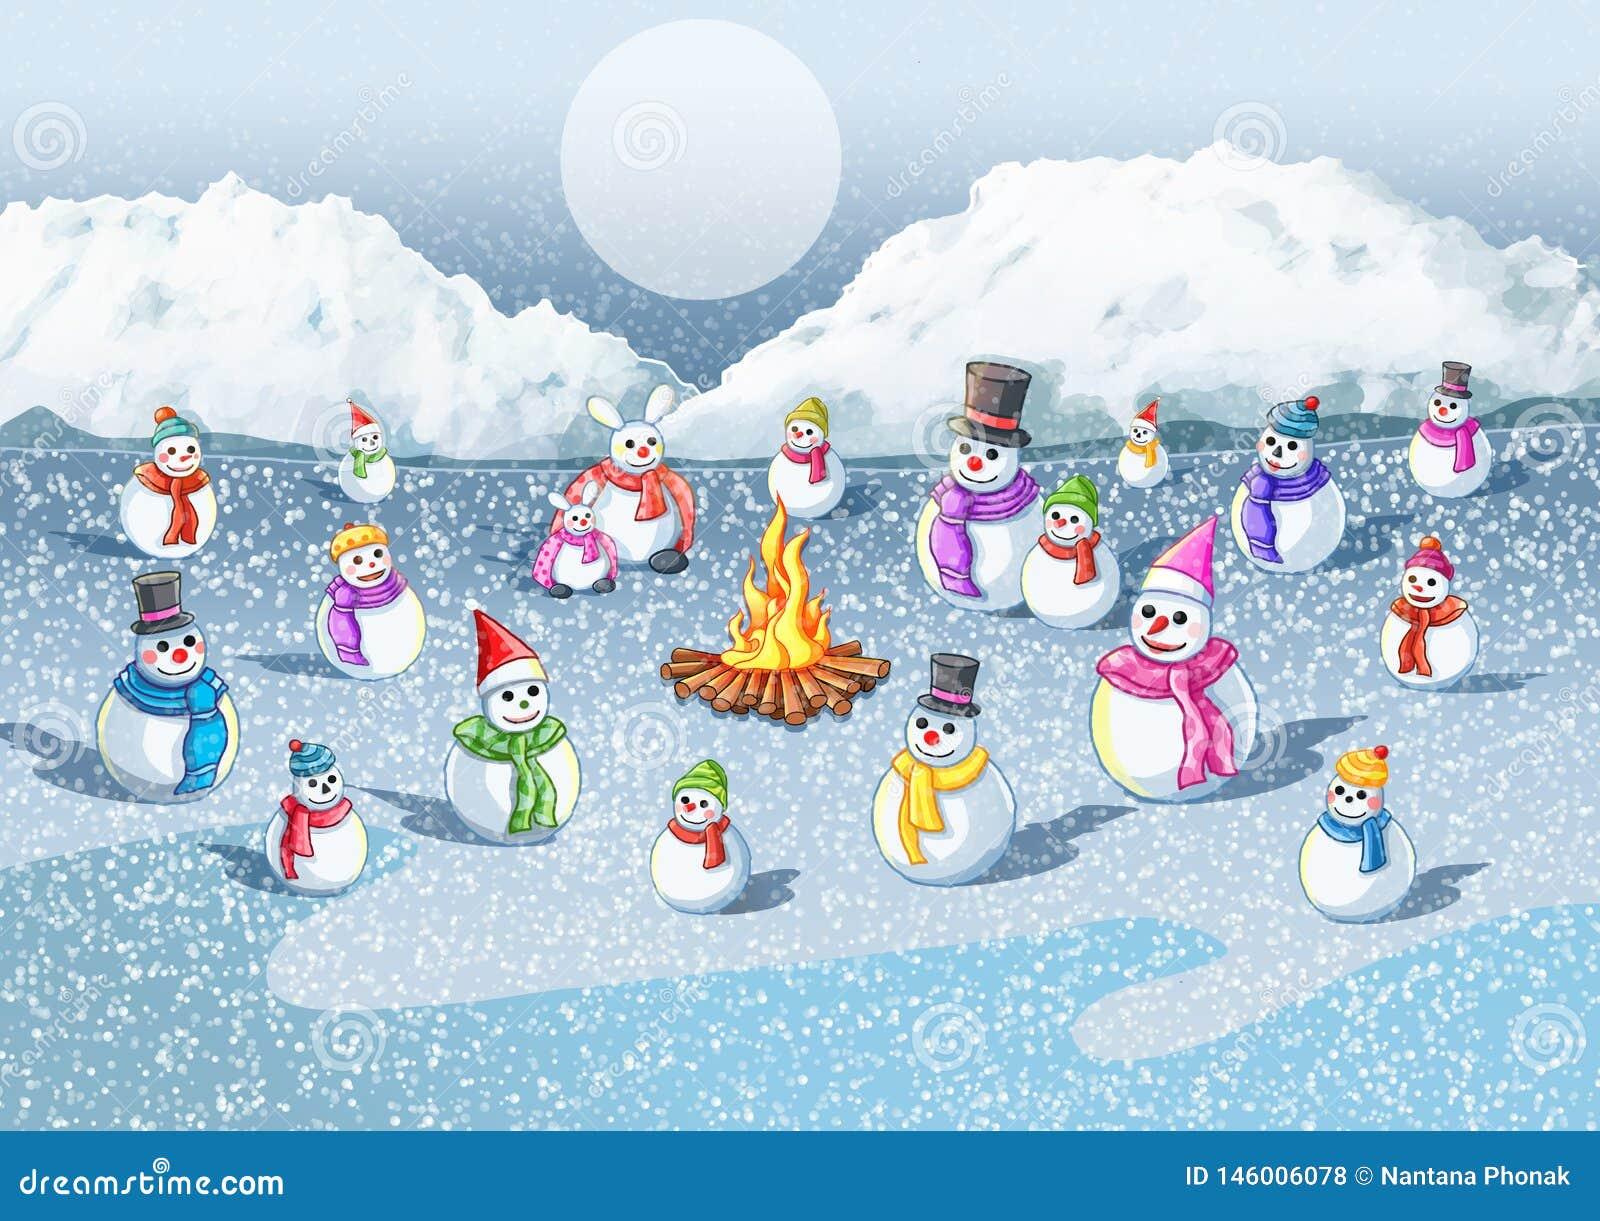 La nieve fría el fuego da calor a la nieve